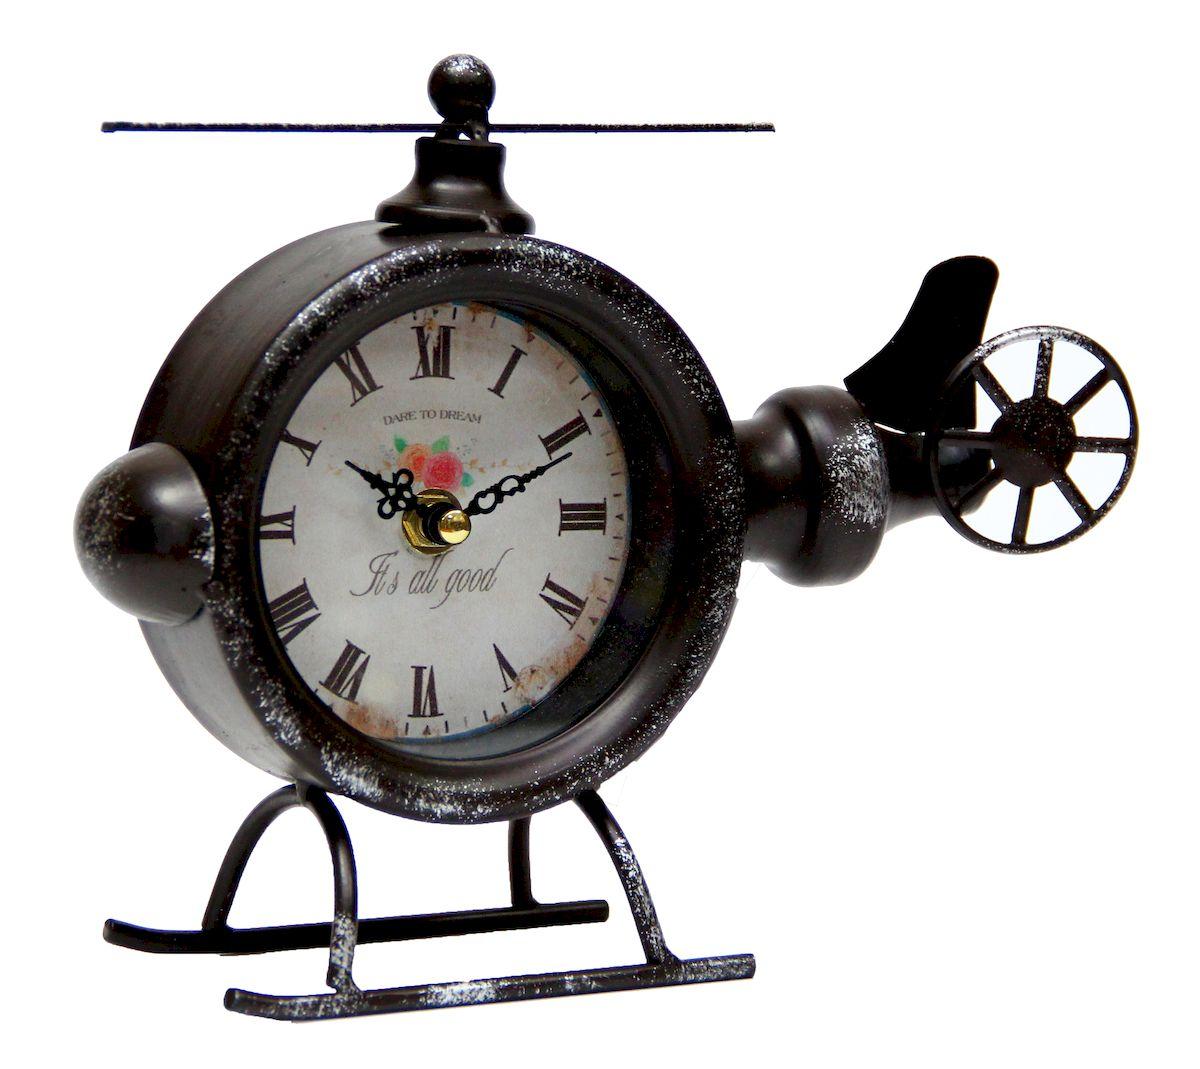 Часы настольные Magic Home Вертолет, кварцевые, цвет: черный41500Настольные кварцевые часы Magic Home Вертолет изготовлены из металла черного цвета,циферблат из черного металла с покрытием из принтованной бумаги. Настольные часы Magic Home Вертолет прекрасно оформят интерьер дома или рабочий стол вофисе. Часы работают от одной батарейки типа АА мощностью 1,5V (не входит в комплект).